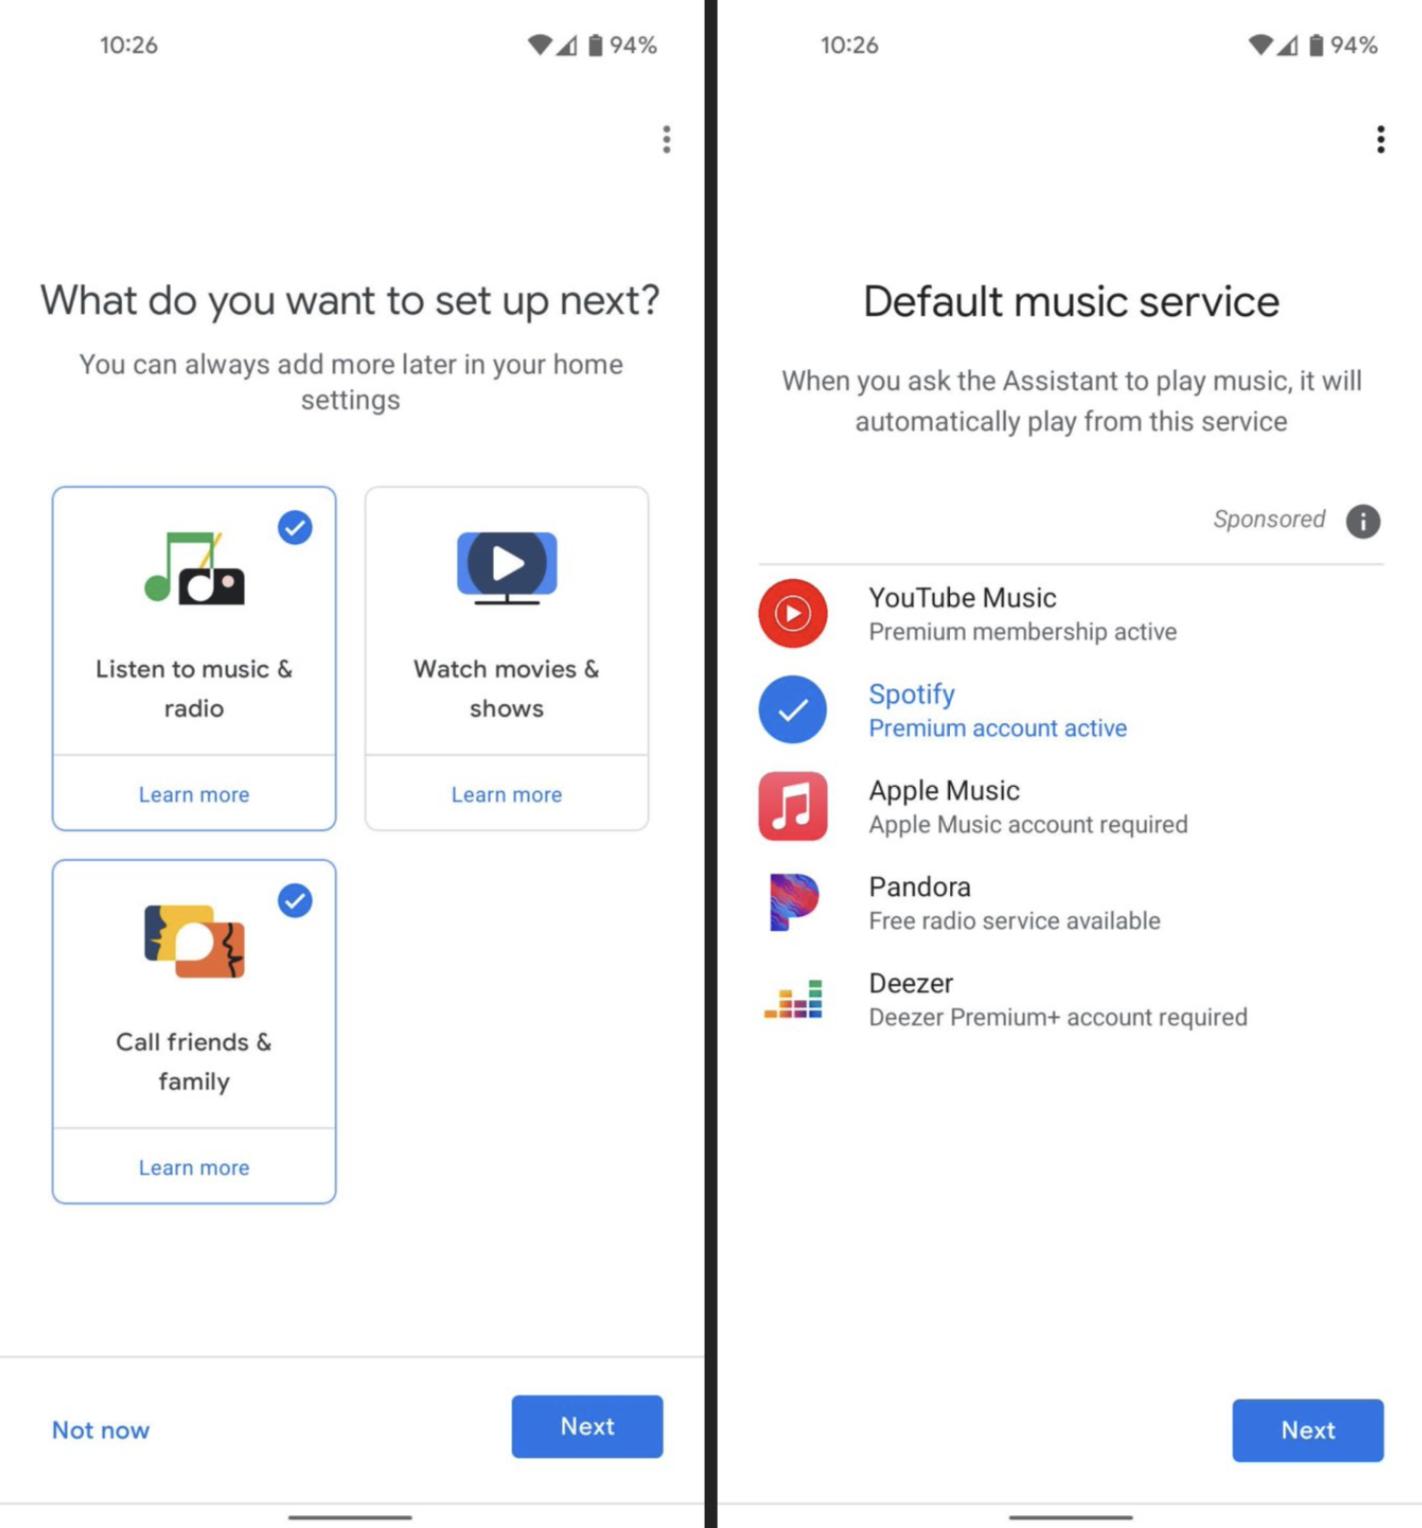 Obrazek przedstawia zrzuty ekranu, które pokazują jak wygląda nowa funkcja Google Home. Spotify zostało zapamiętane jako domyślny serwis muzyczny.